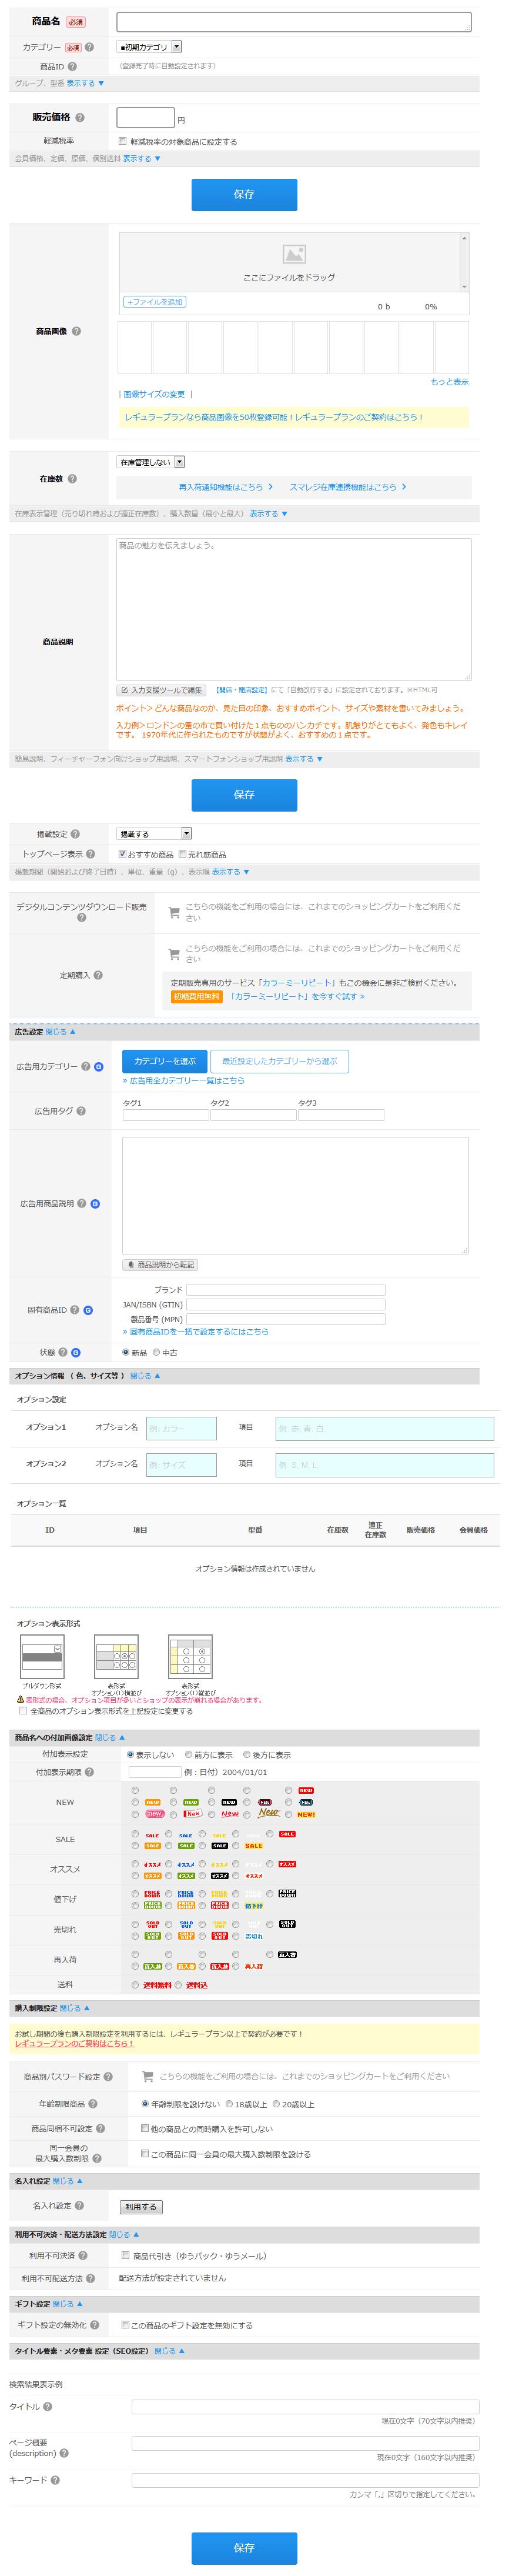 カラーミーショップの商品登録画面